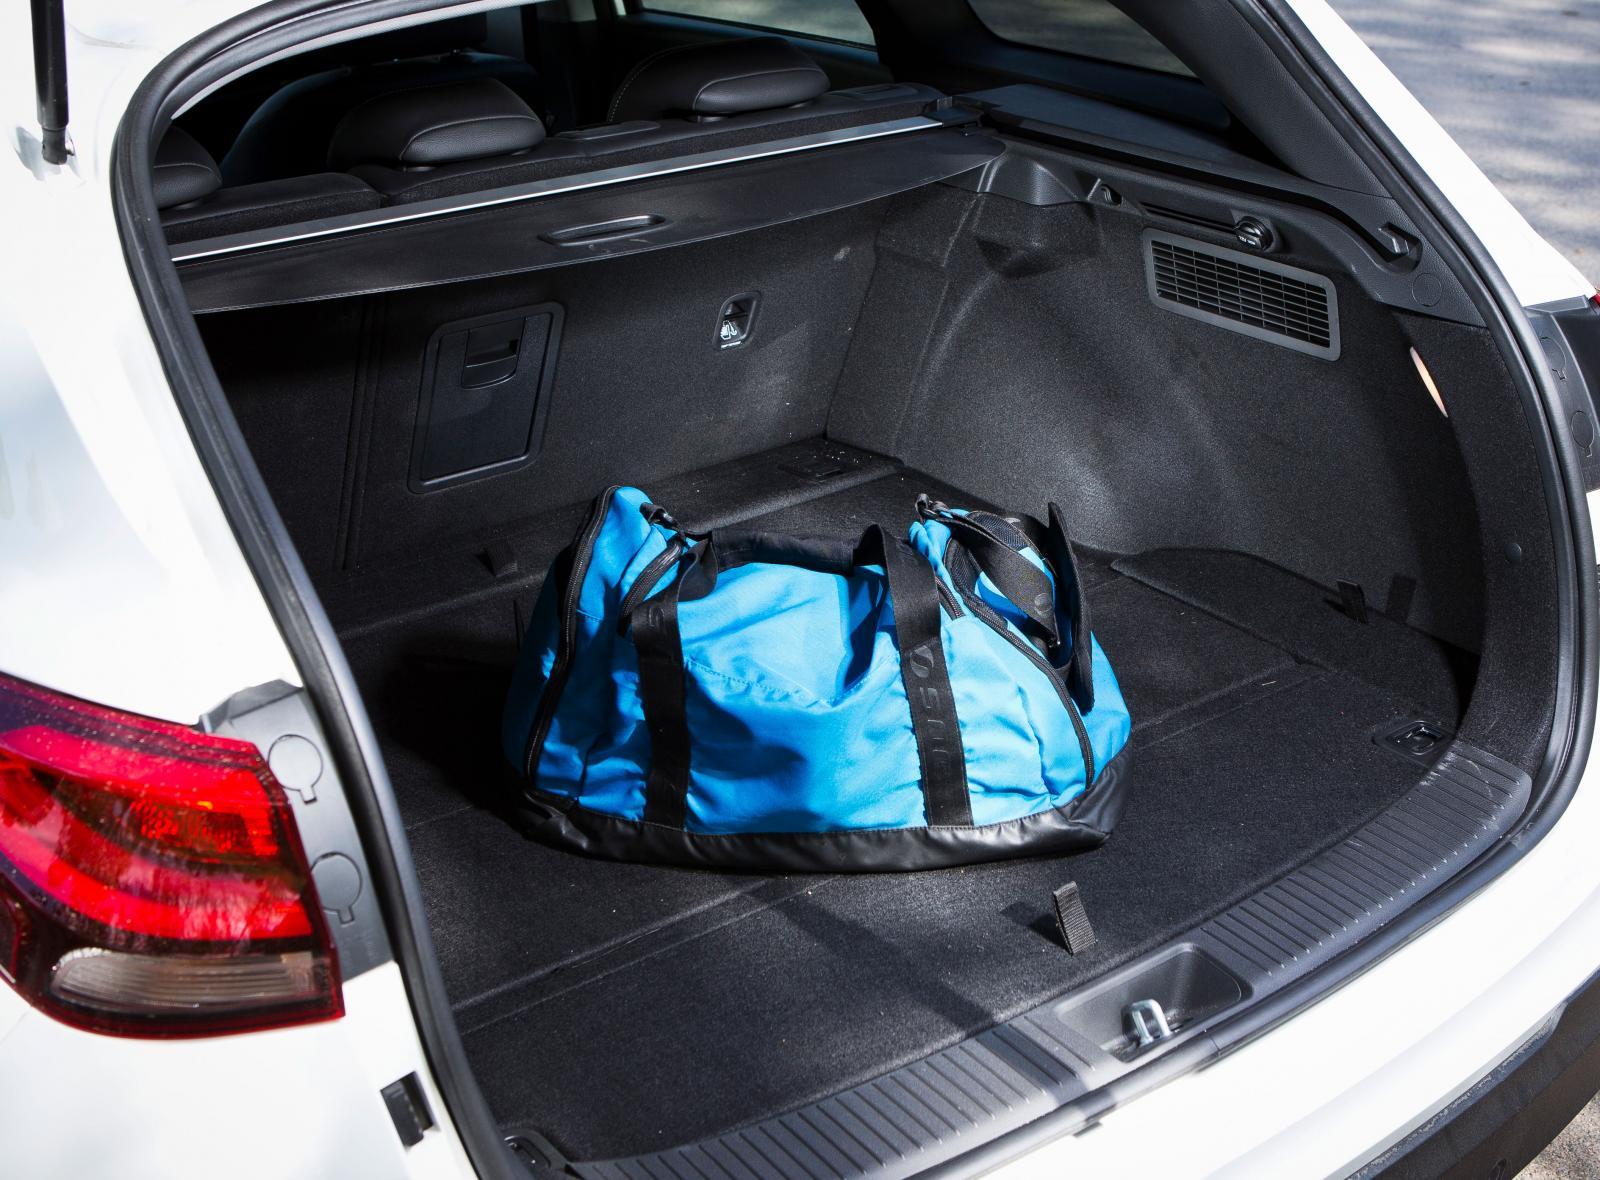 Lastgapen i Hyundai och Kia är nästan identiska, men testets i30 var i en utrustningsversion som saknar eldrivning av bakluckan. Vi fick heller inte in lika många drickabackar i Hyundai som i Kia. Massor av praktiska fack under golvet.